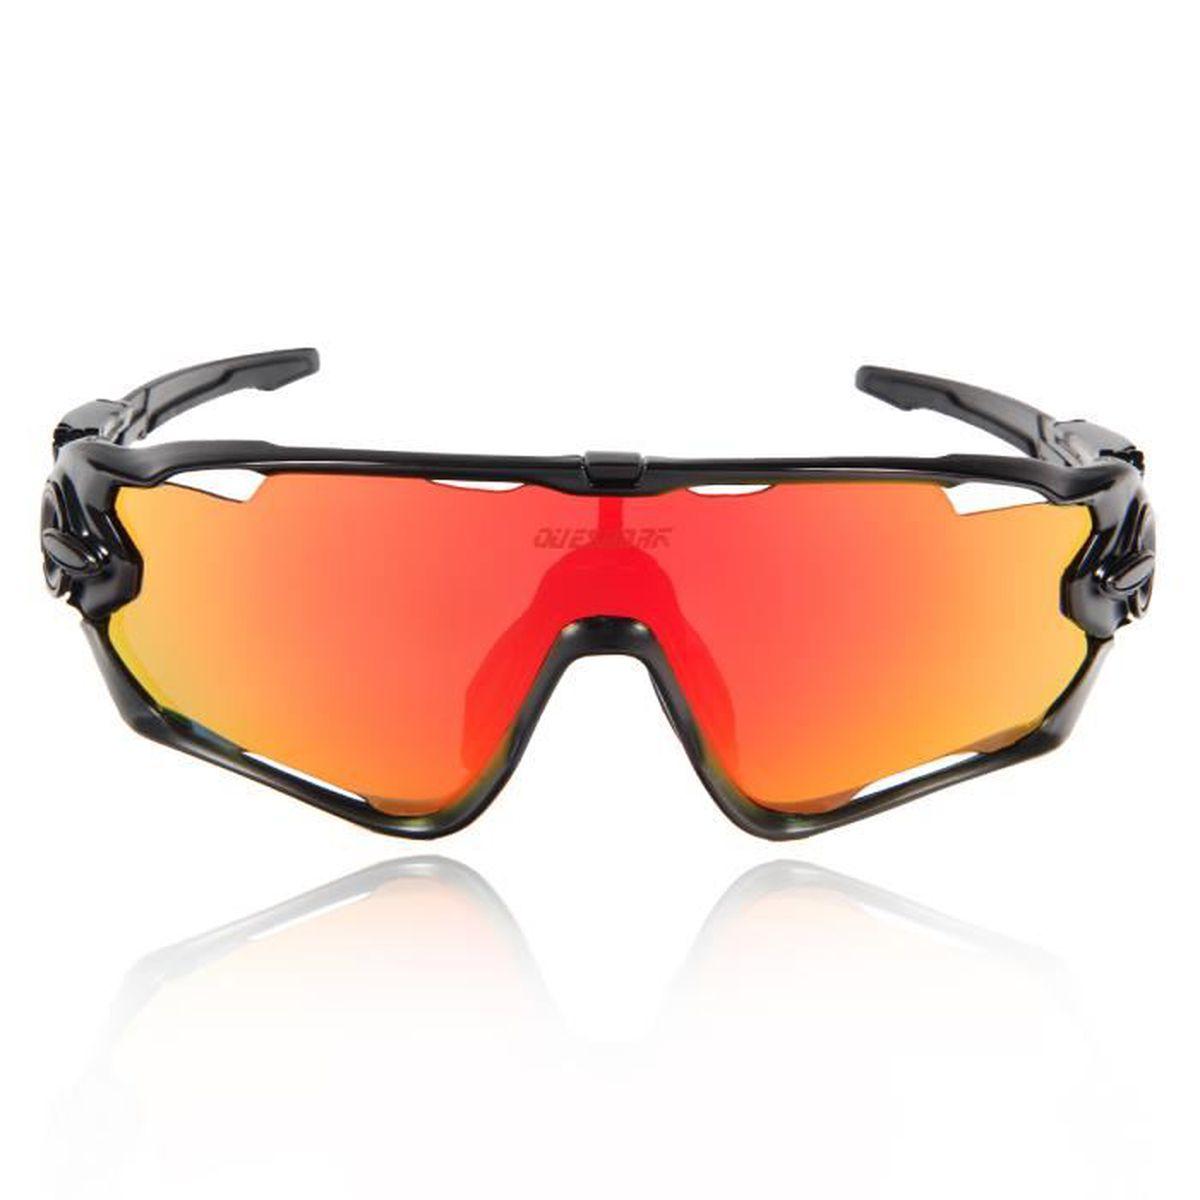 LUNETTES DE SOLEIL QUESHARK Lunettes de soleil polarisées vélo Protec 96bee1adf360